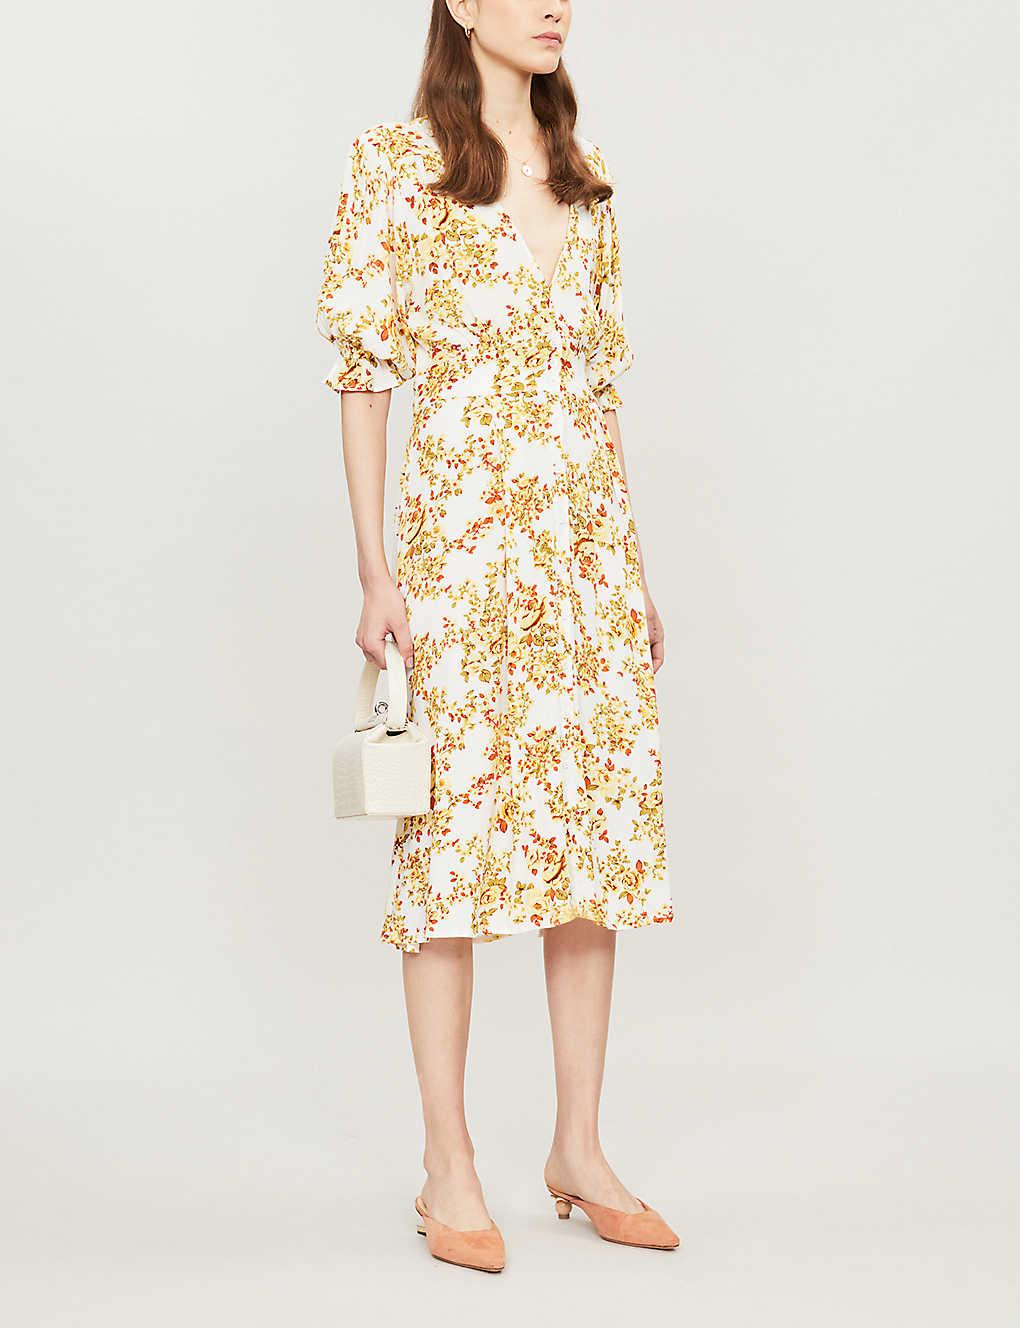 Rafa floral-print rayon midi dress - Goldie floral